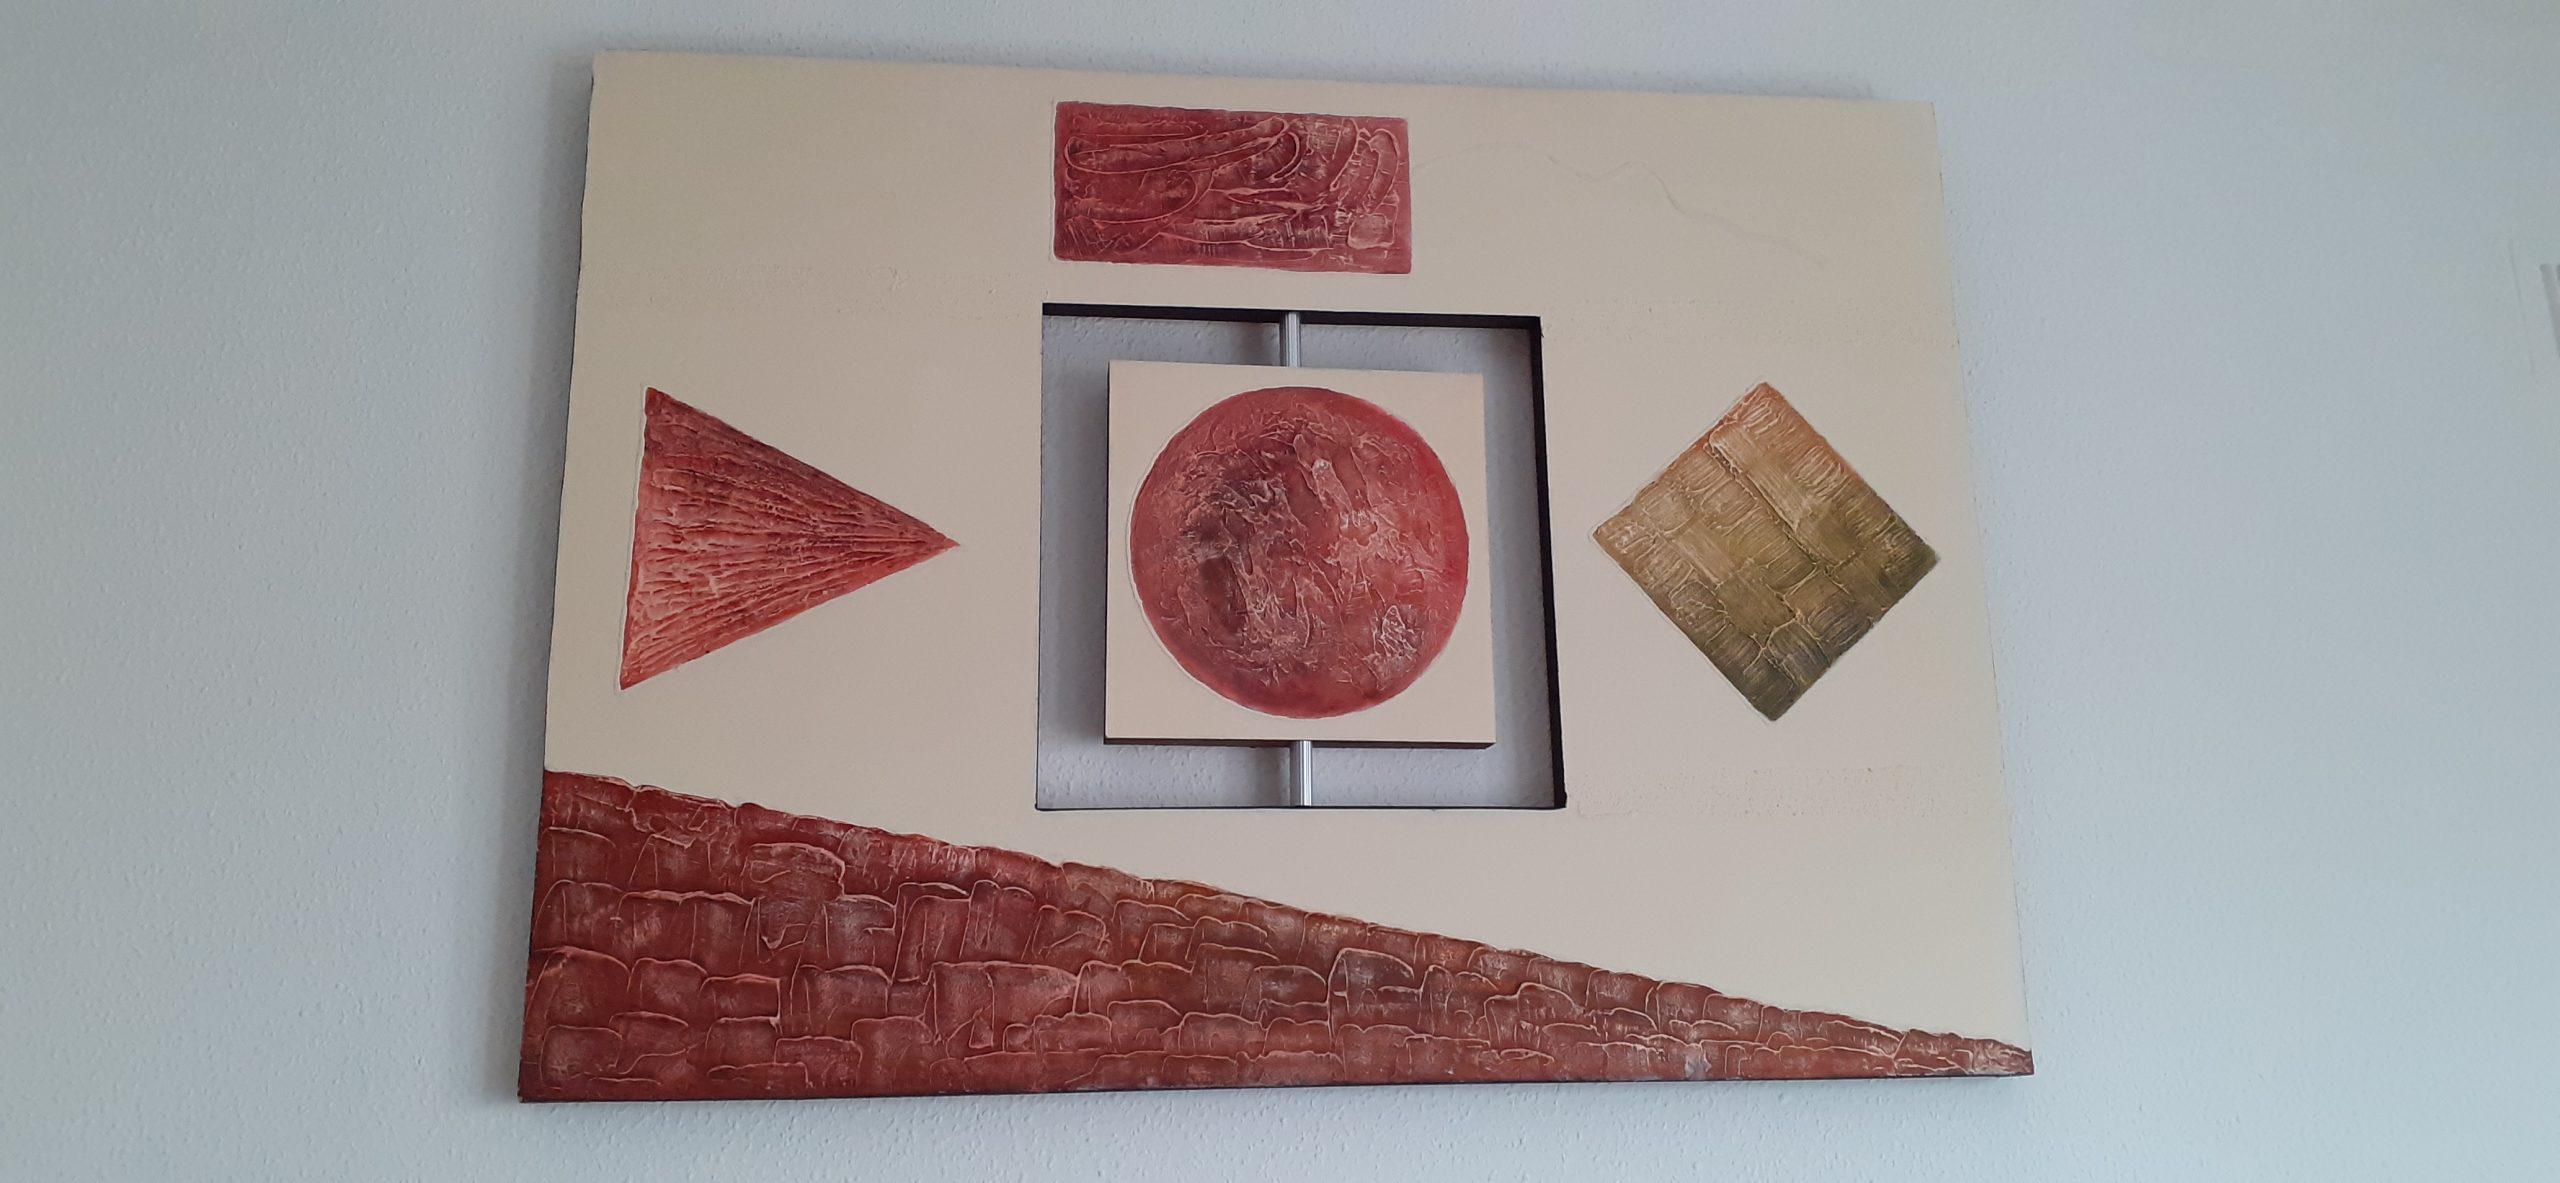 Cuadro con formas geométricas